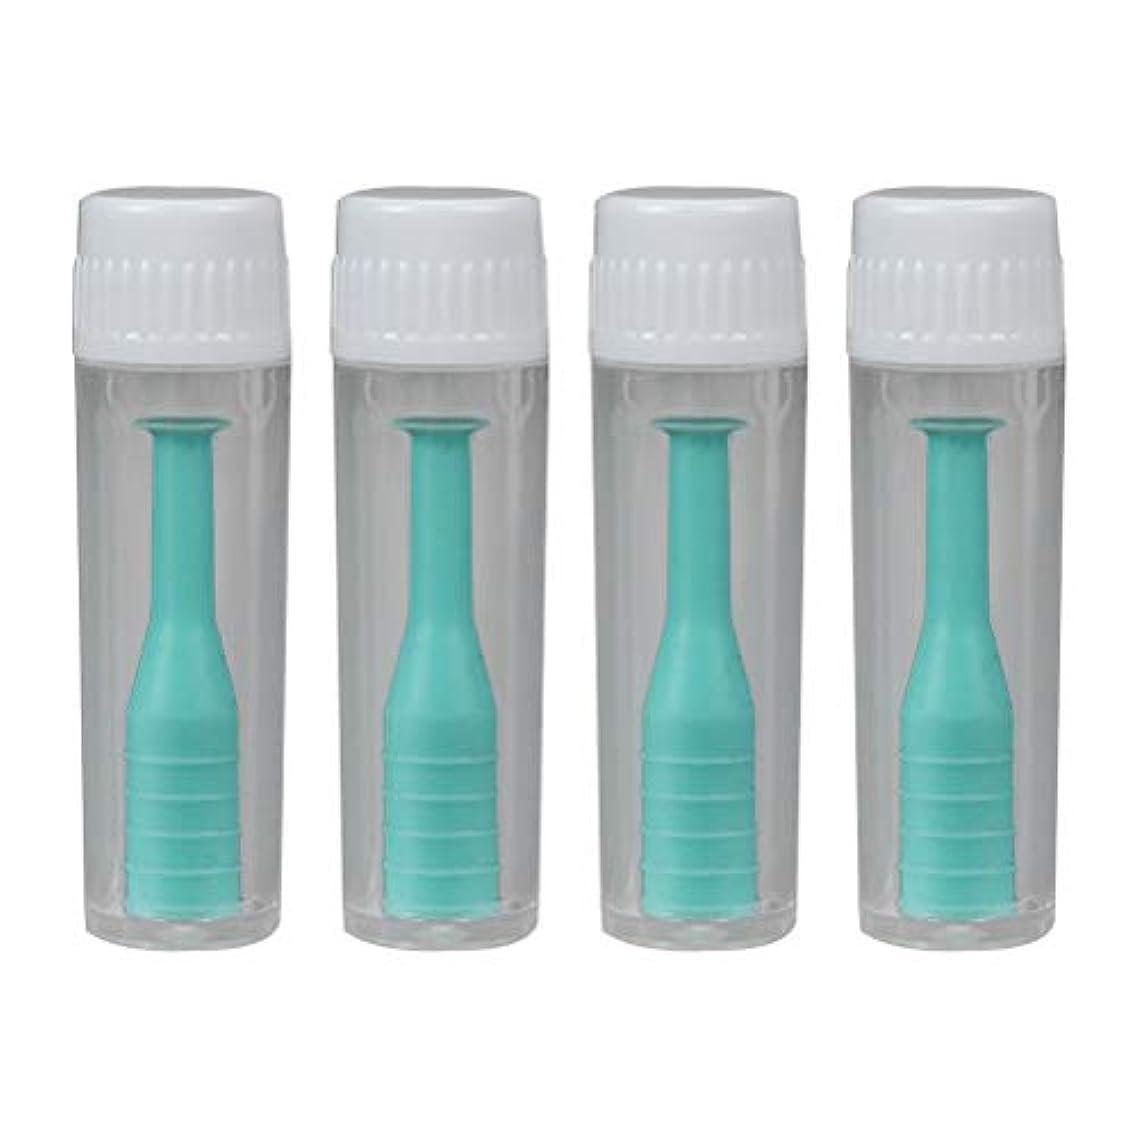 Healifty レンズピン コンタクトレンズ つけはずし器具 挿入&取り外しツール 装着器具 リムーバー ポータブル ボトル付 旅行 家庭 4個(グリーン)